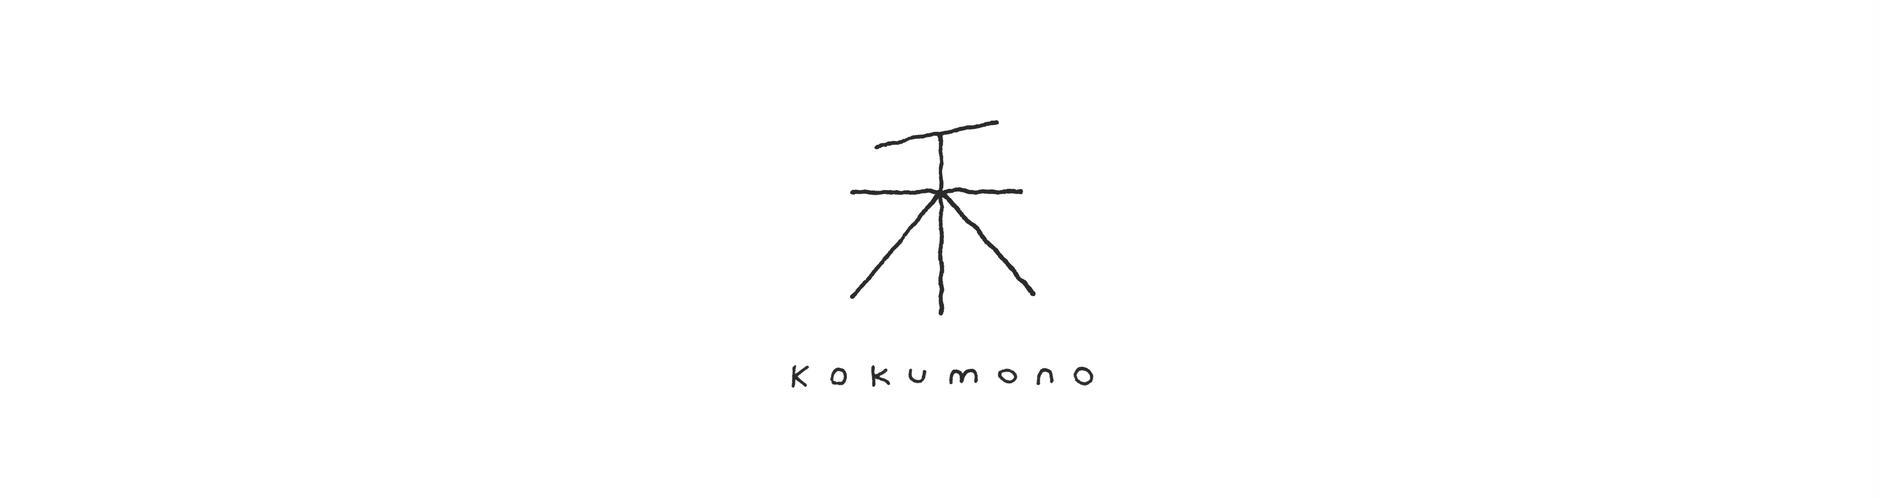 kokumono